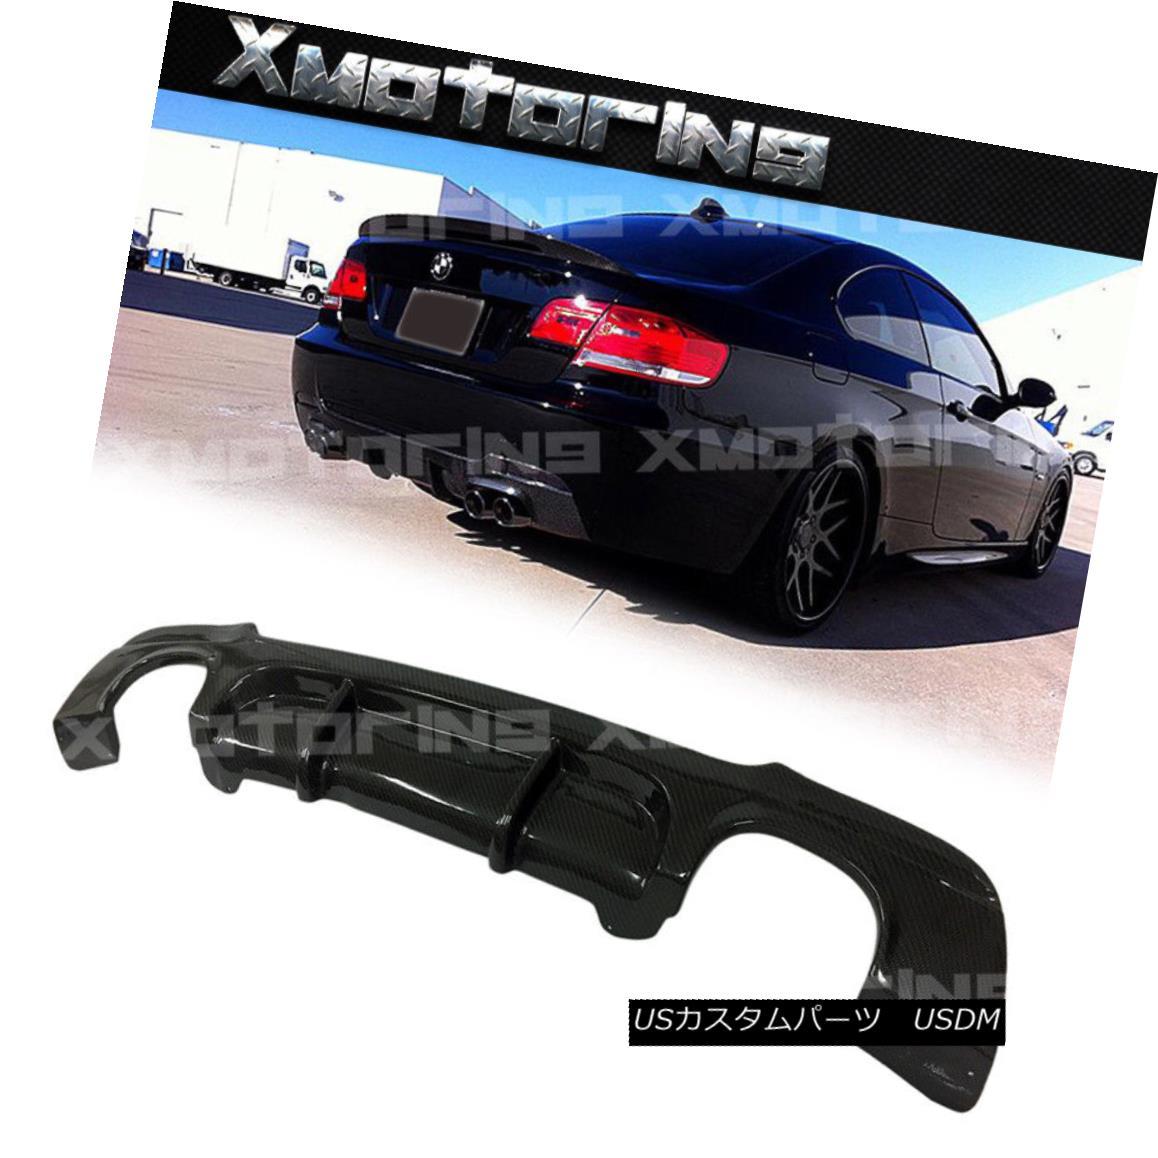 エアロパーツ P Look Quad Tips Carbon Replace Rear Diffuser For BMW 2007-13 E92 E93 2DR M-Tech Pクォードのヒントを見てくださいBMWのためのカーボン後部ディフューザー2007-13 E92 E93 2DR M-Tech